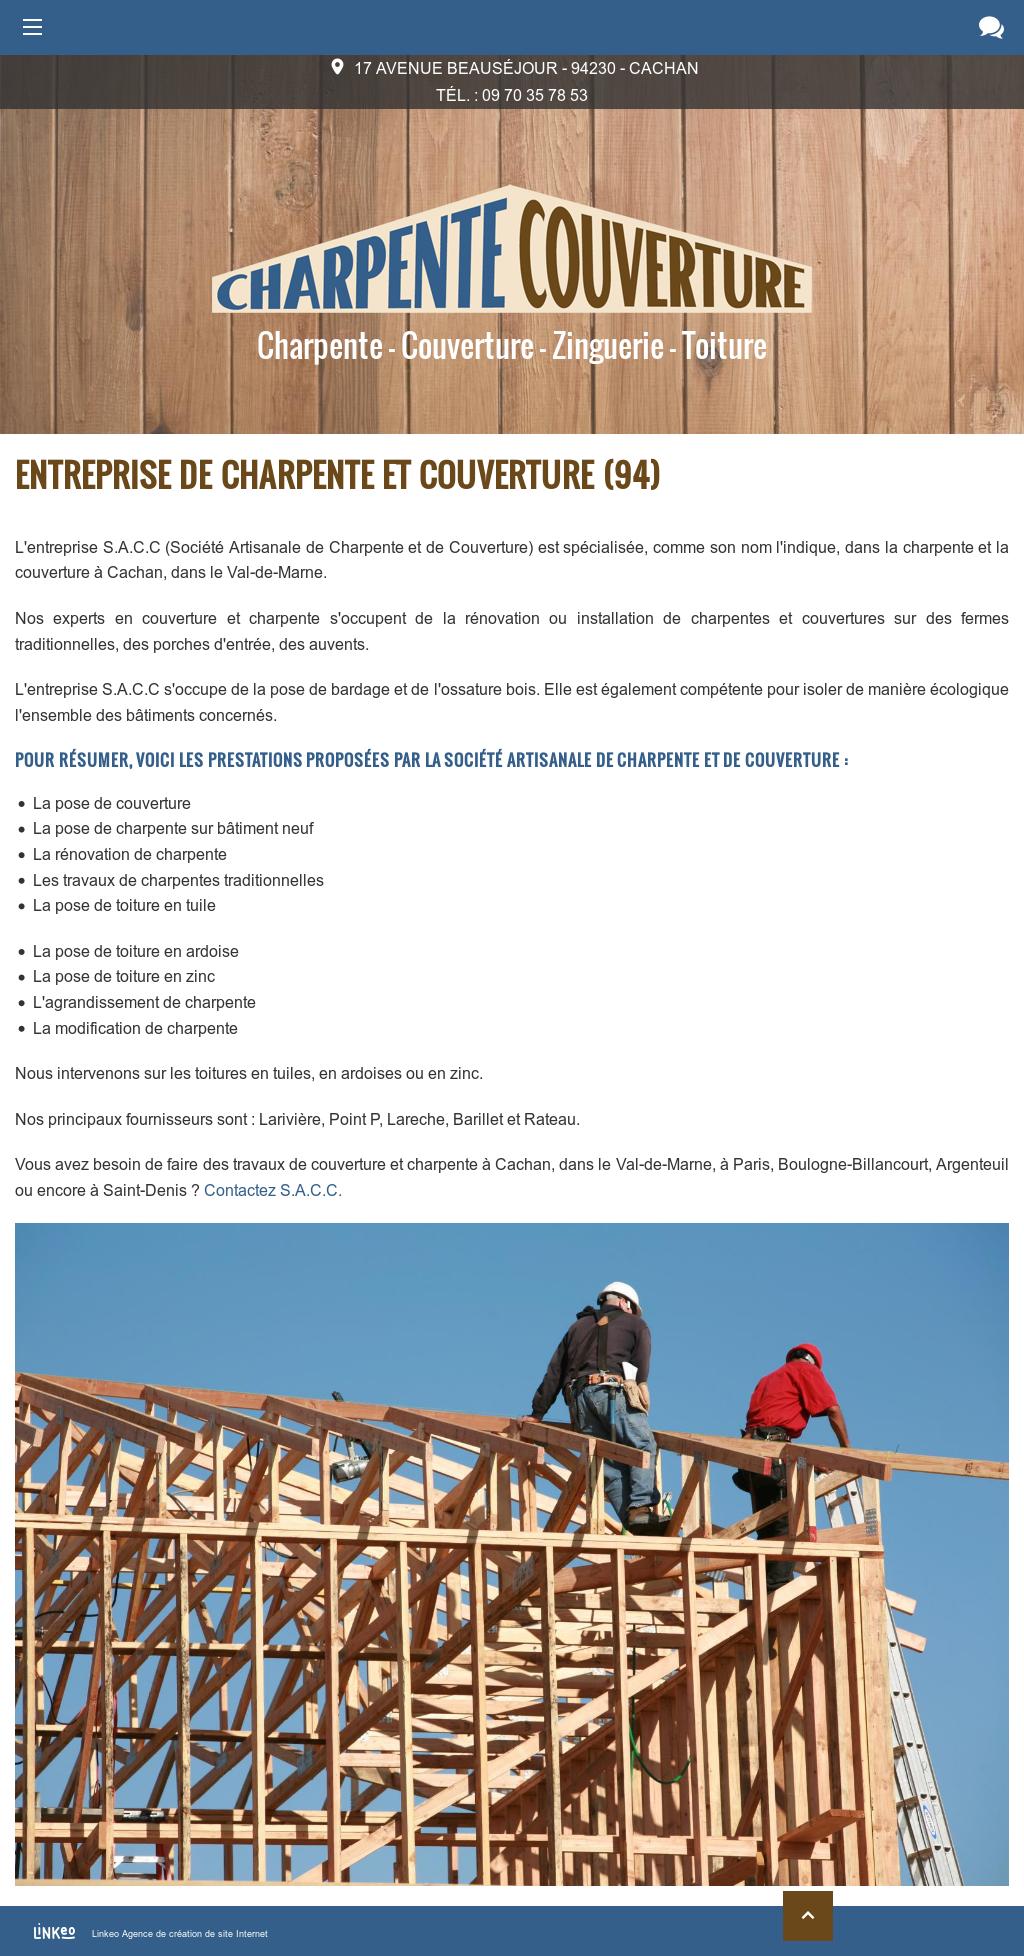 Tuile En Bois Nom charpente couverture competitors, revenue and employees